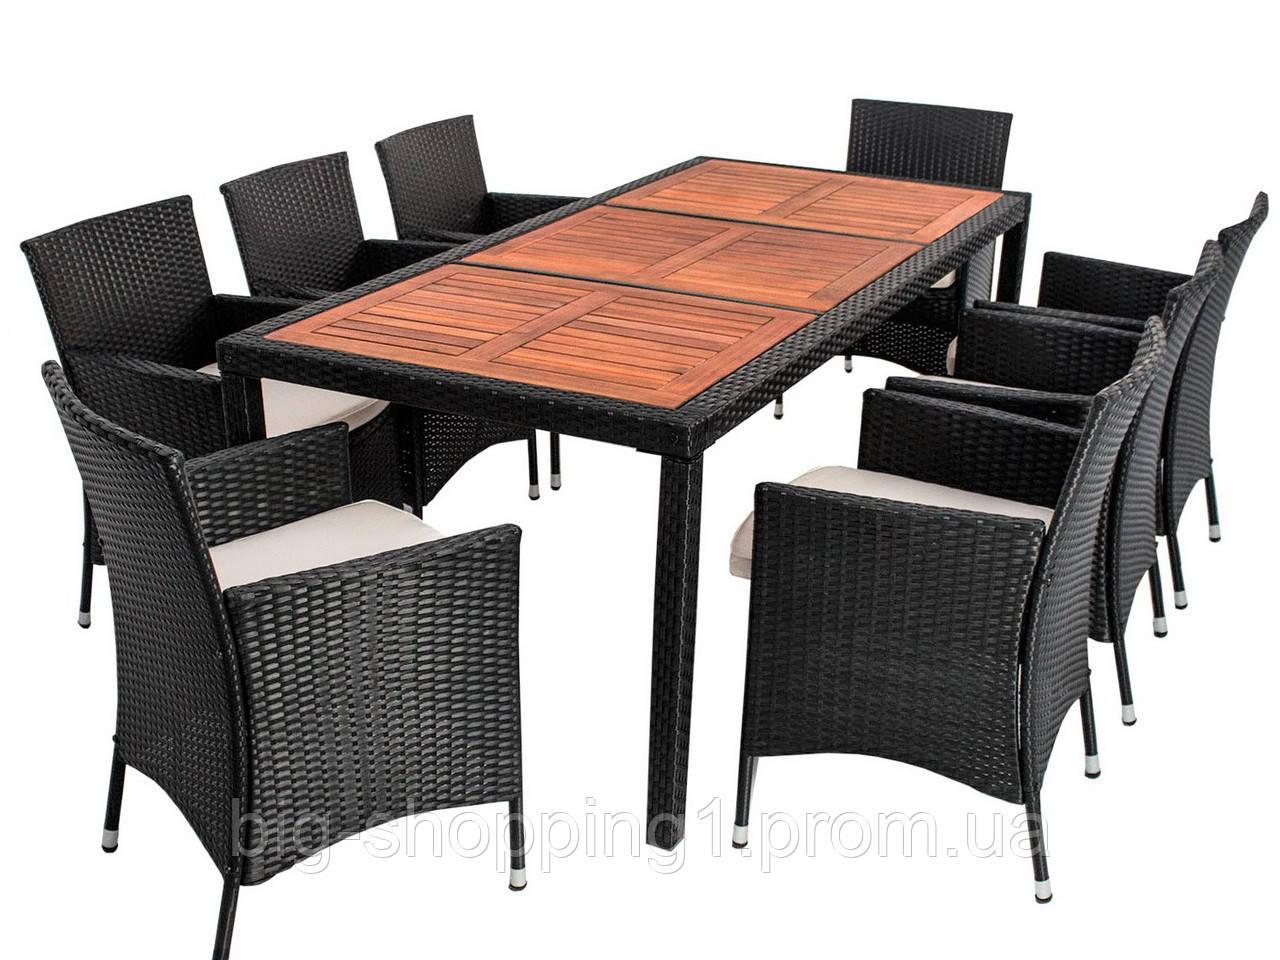 Мебель садовая : стол (стекло или дерево)+8 крісел